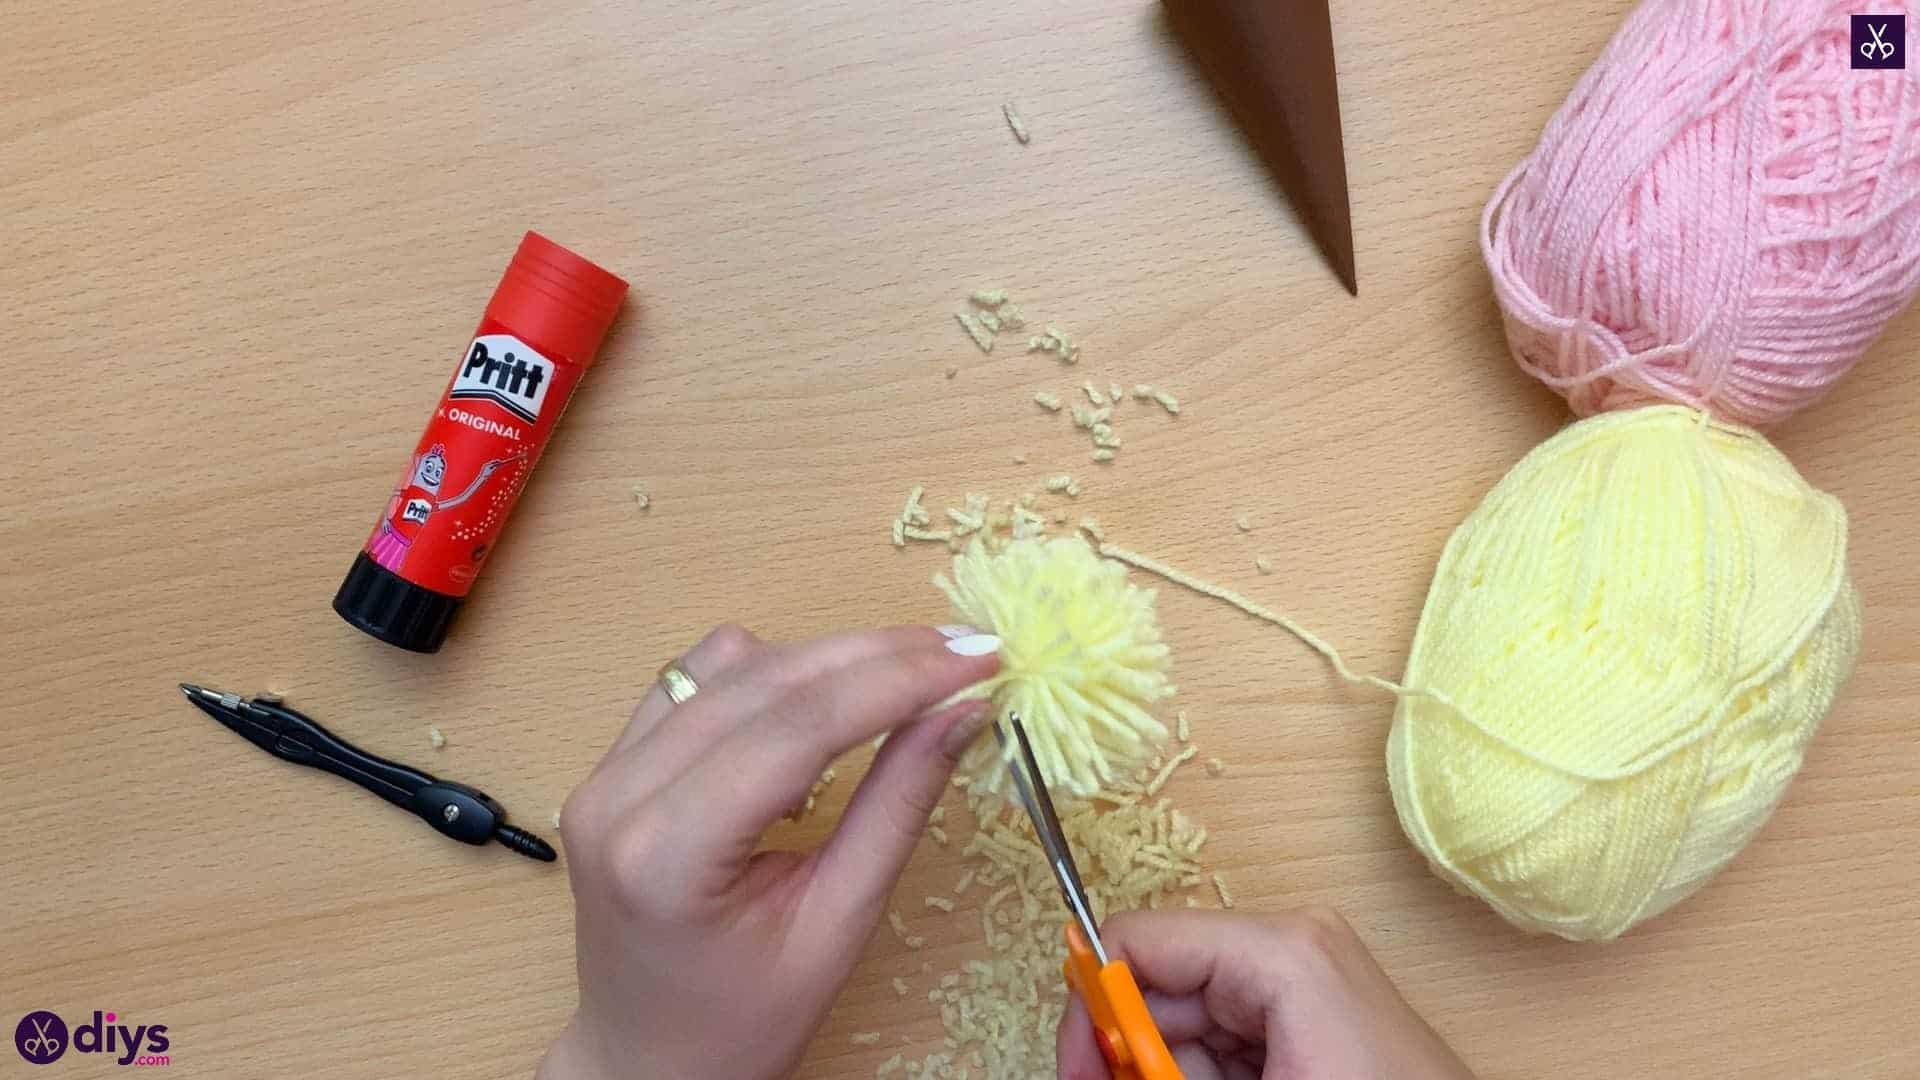 How to make an ice cream pom pom scrissoris